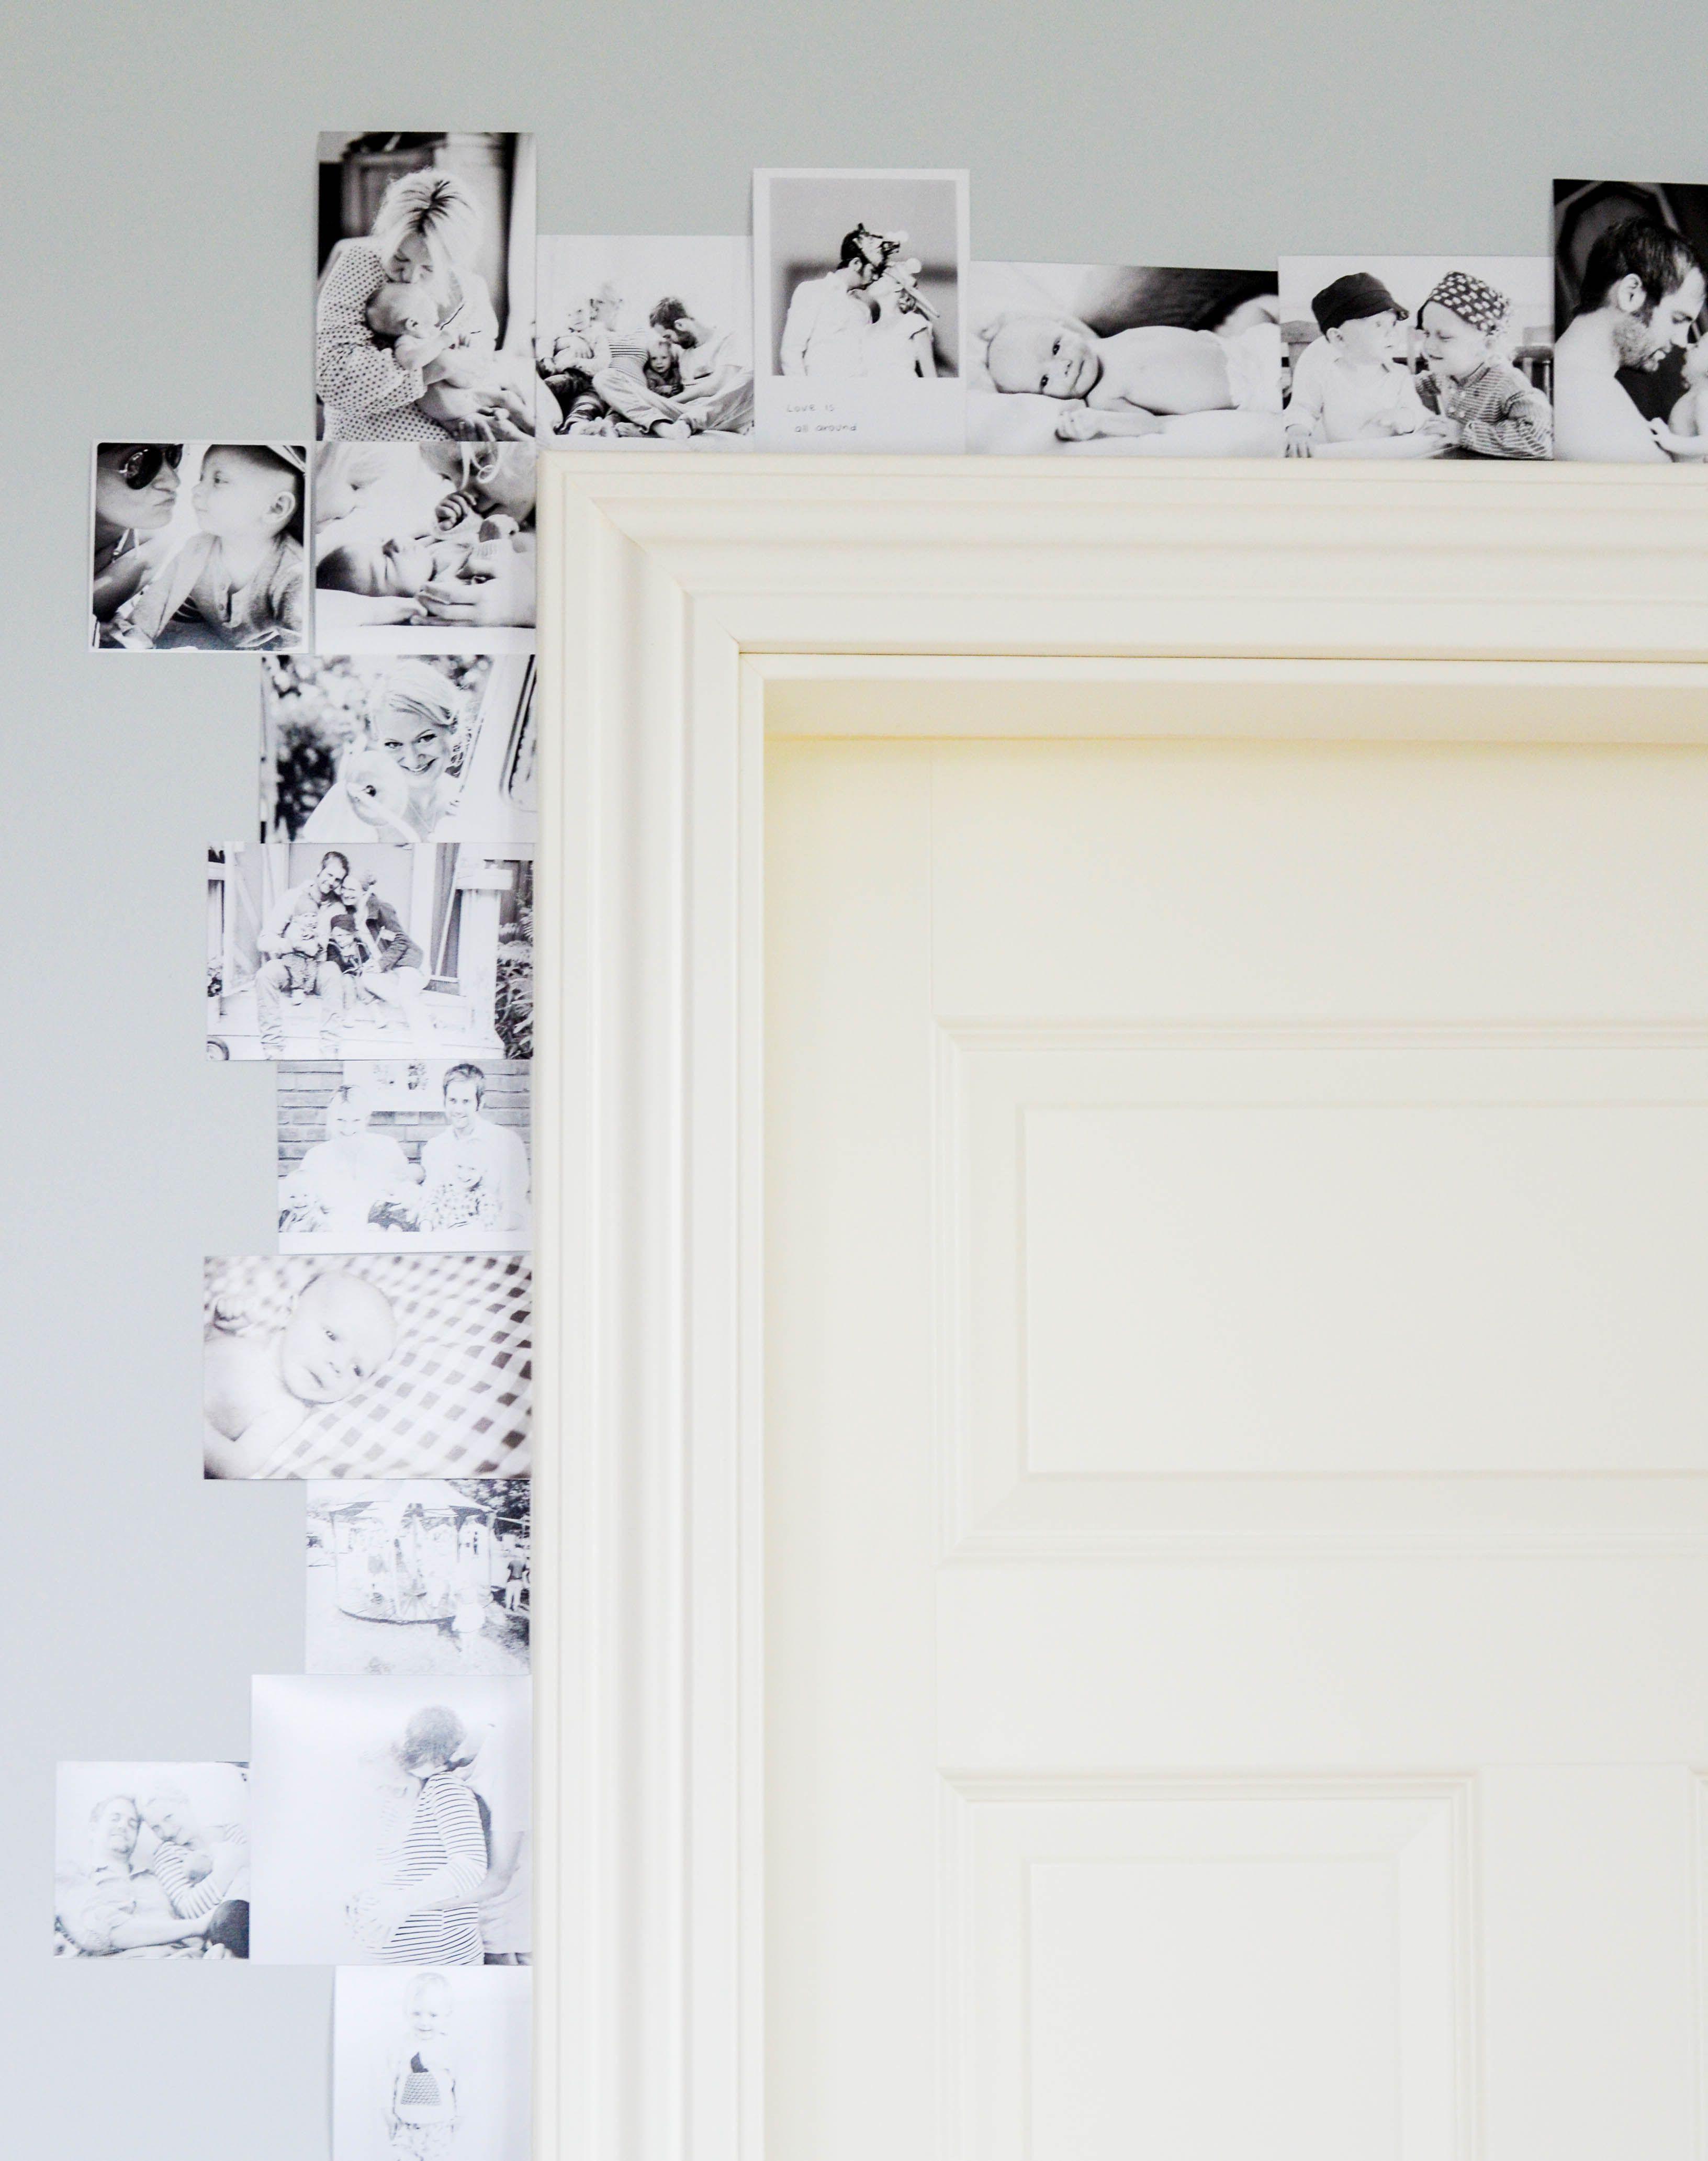 die besten 25 wohnung gestalten ideen auf pinterest erste wohnung kleine wohnungen gestalten. Black Bedroom Furniture Sets. Home Design Ideas